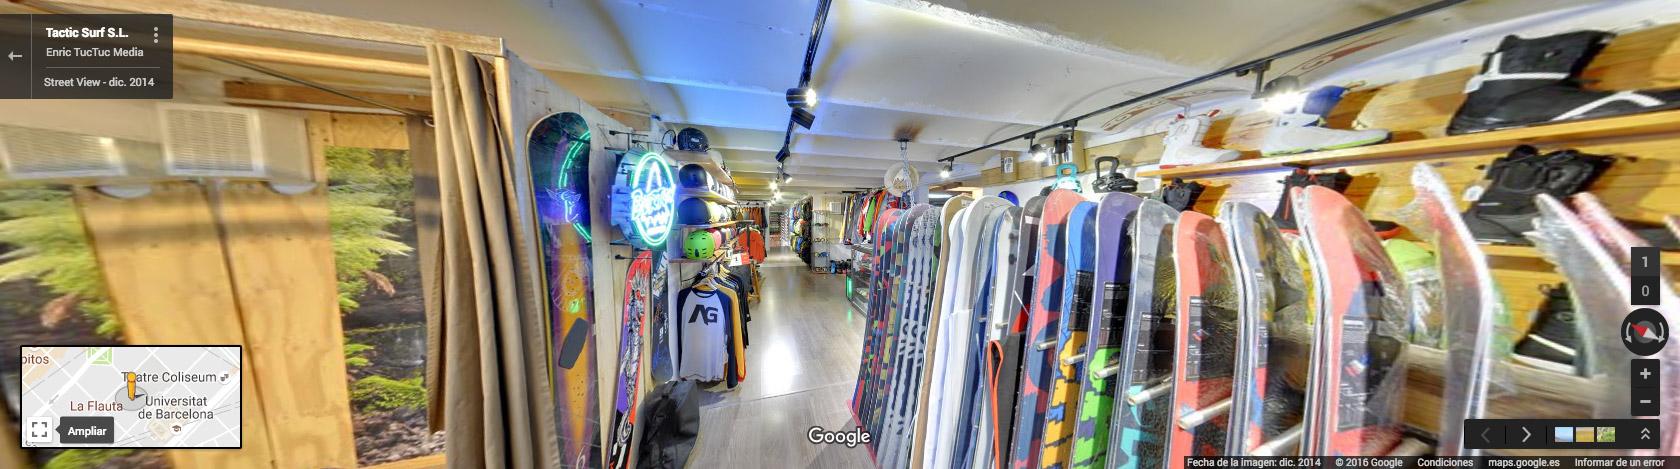 Tactic Surf Barcelona - Tienda de surf 0af6a17c88b